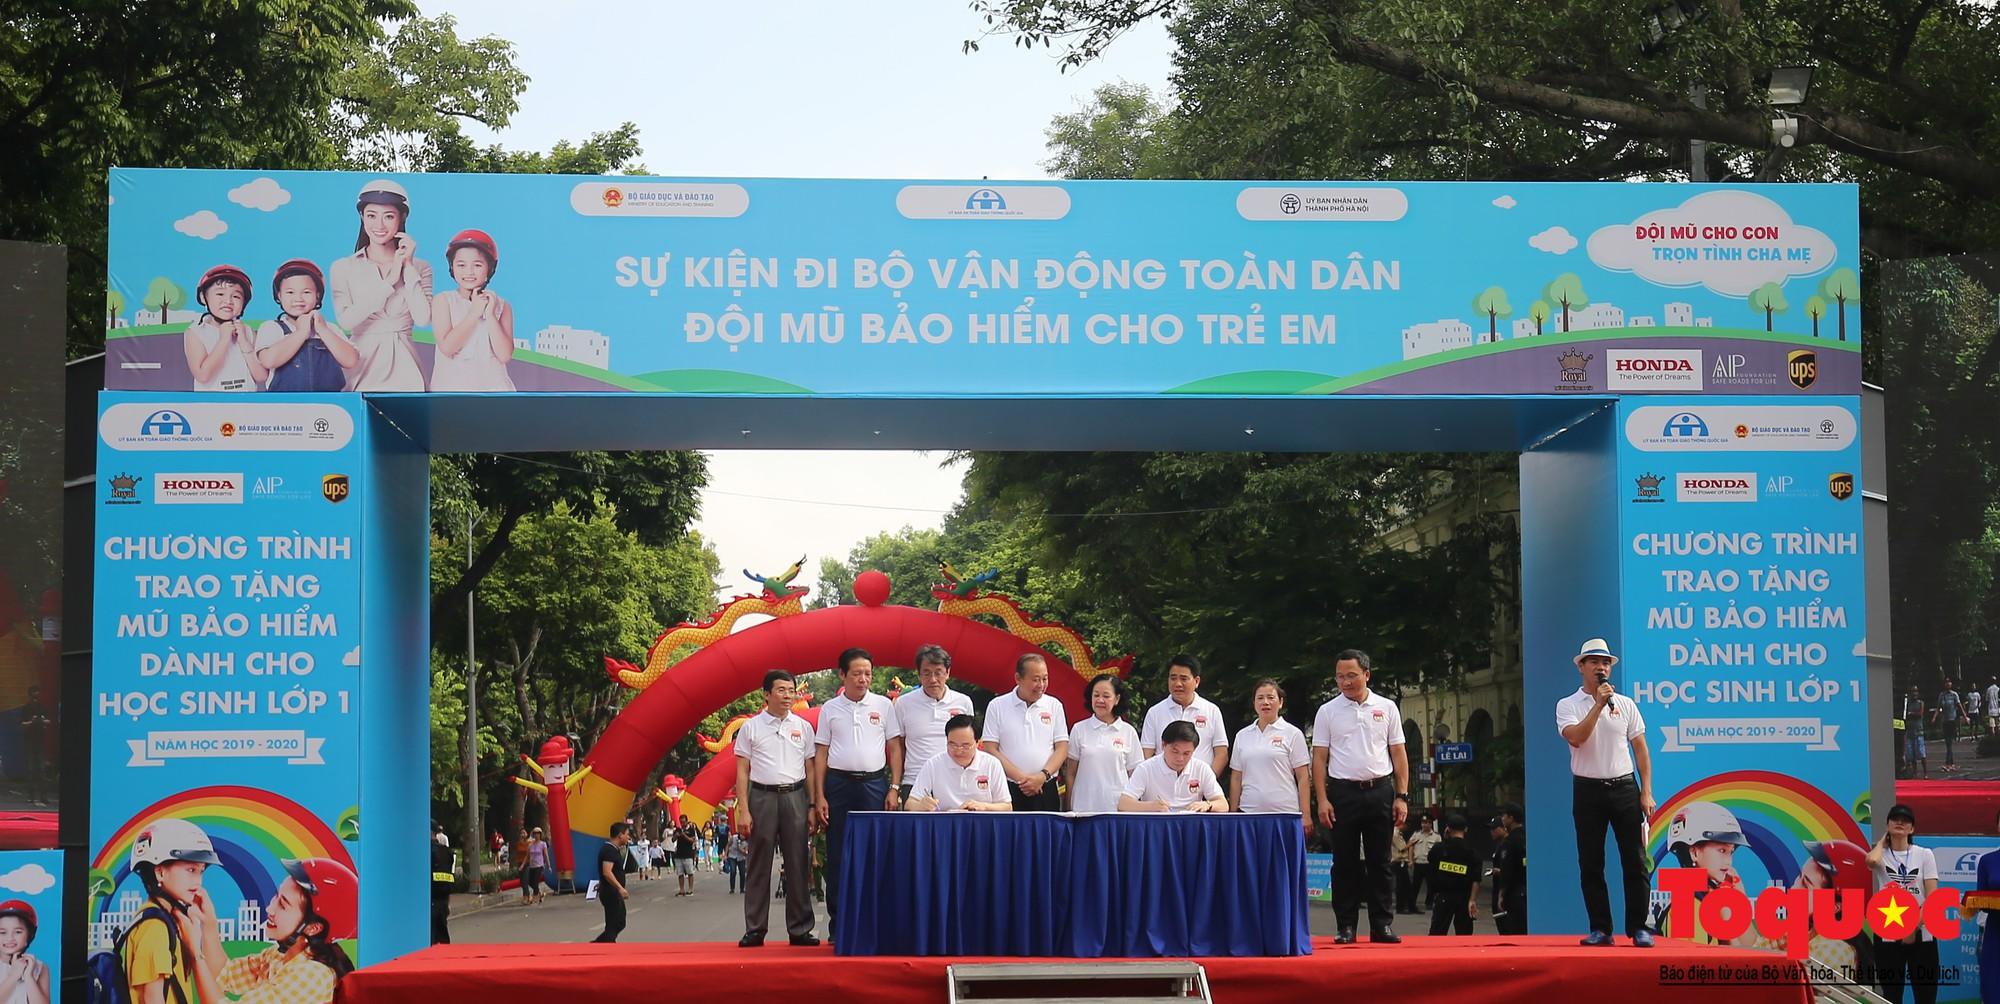 """Gần 4000 em nhỏ cùng gia đình đi bộ vận động toàn dân""""Đội mũ bảo hiểm cho trẻ em"""" (5)"""